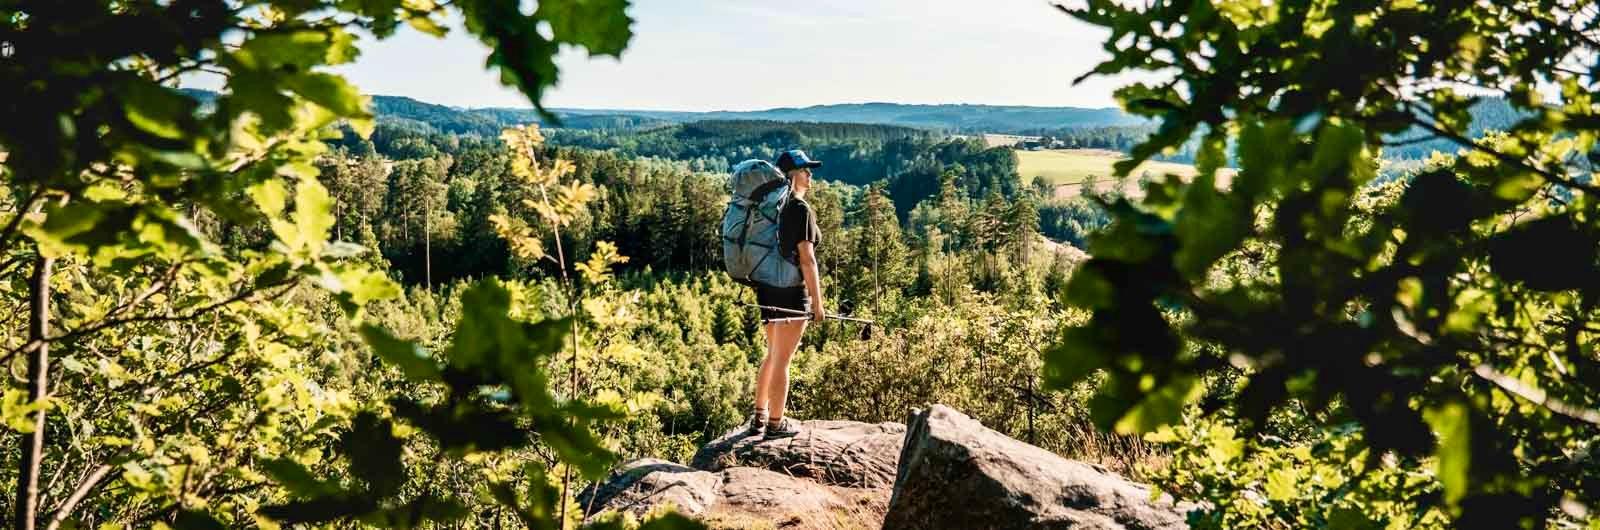 vandrare njuter av utsikt längs hallandsleden